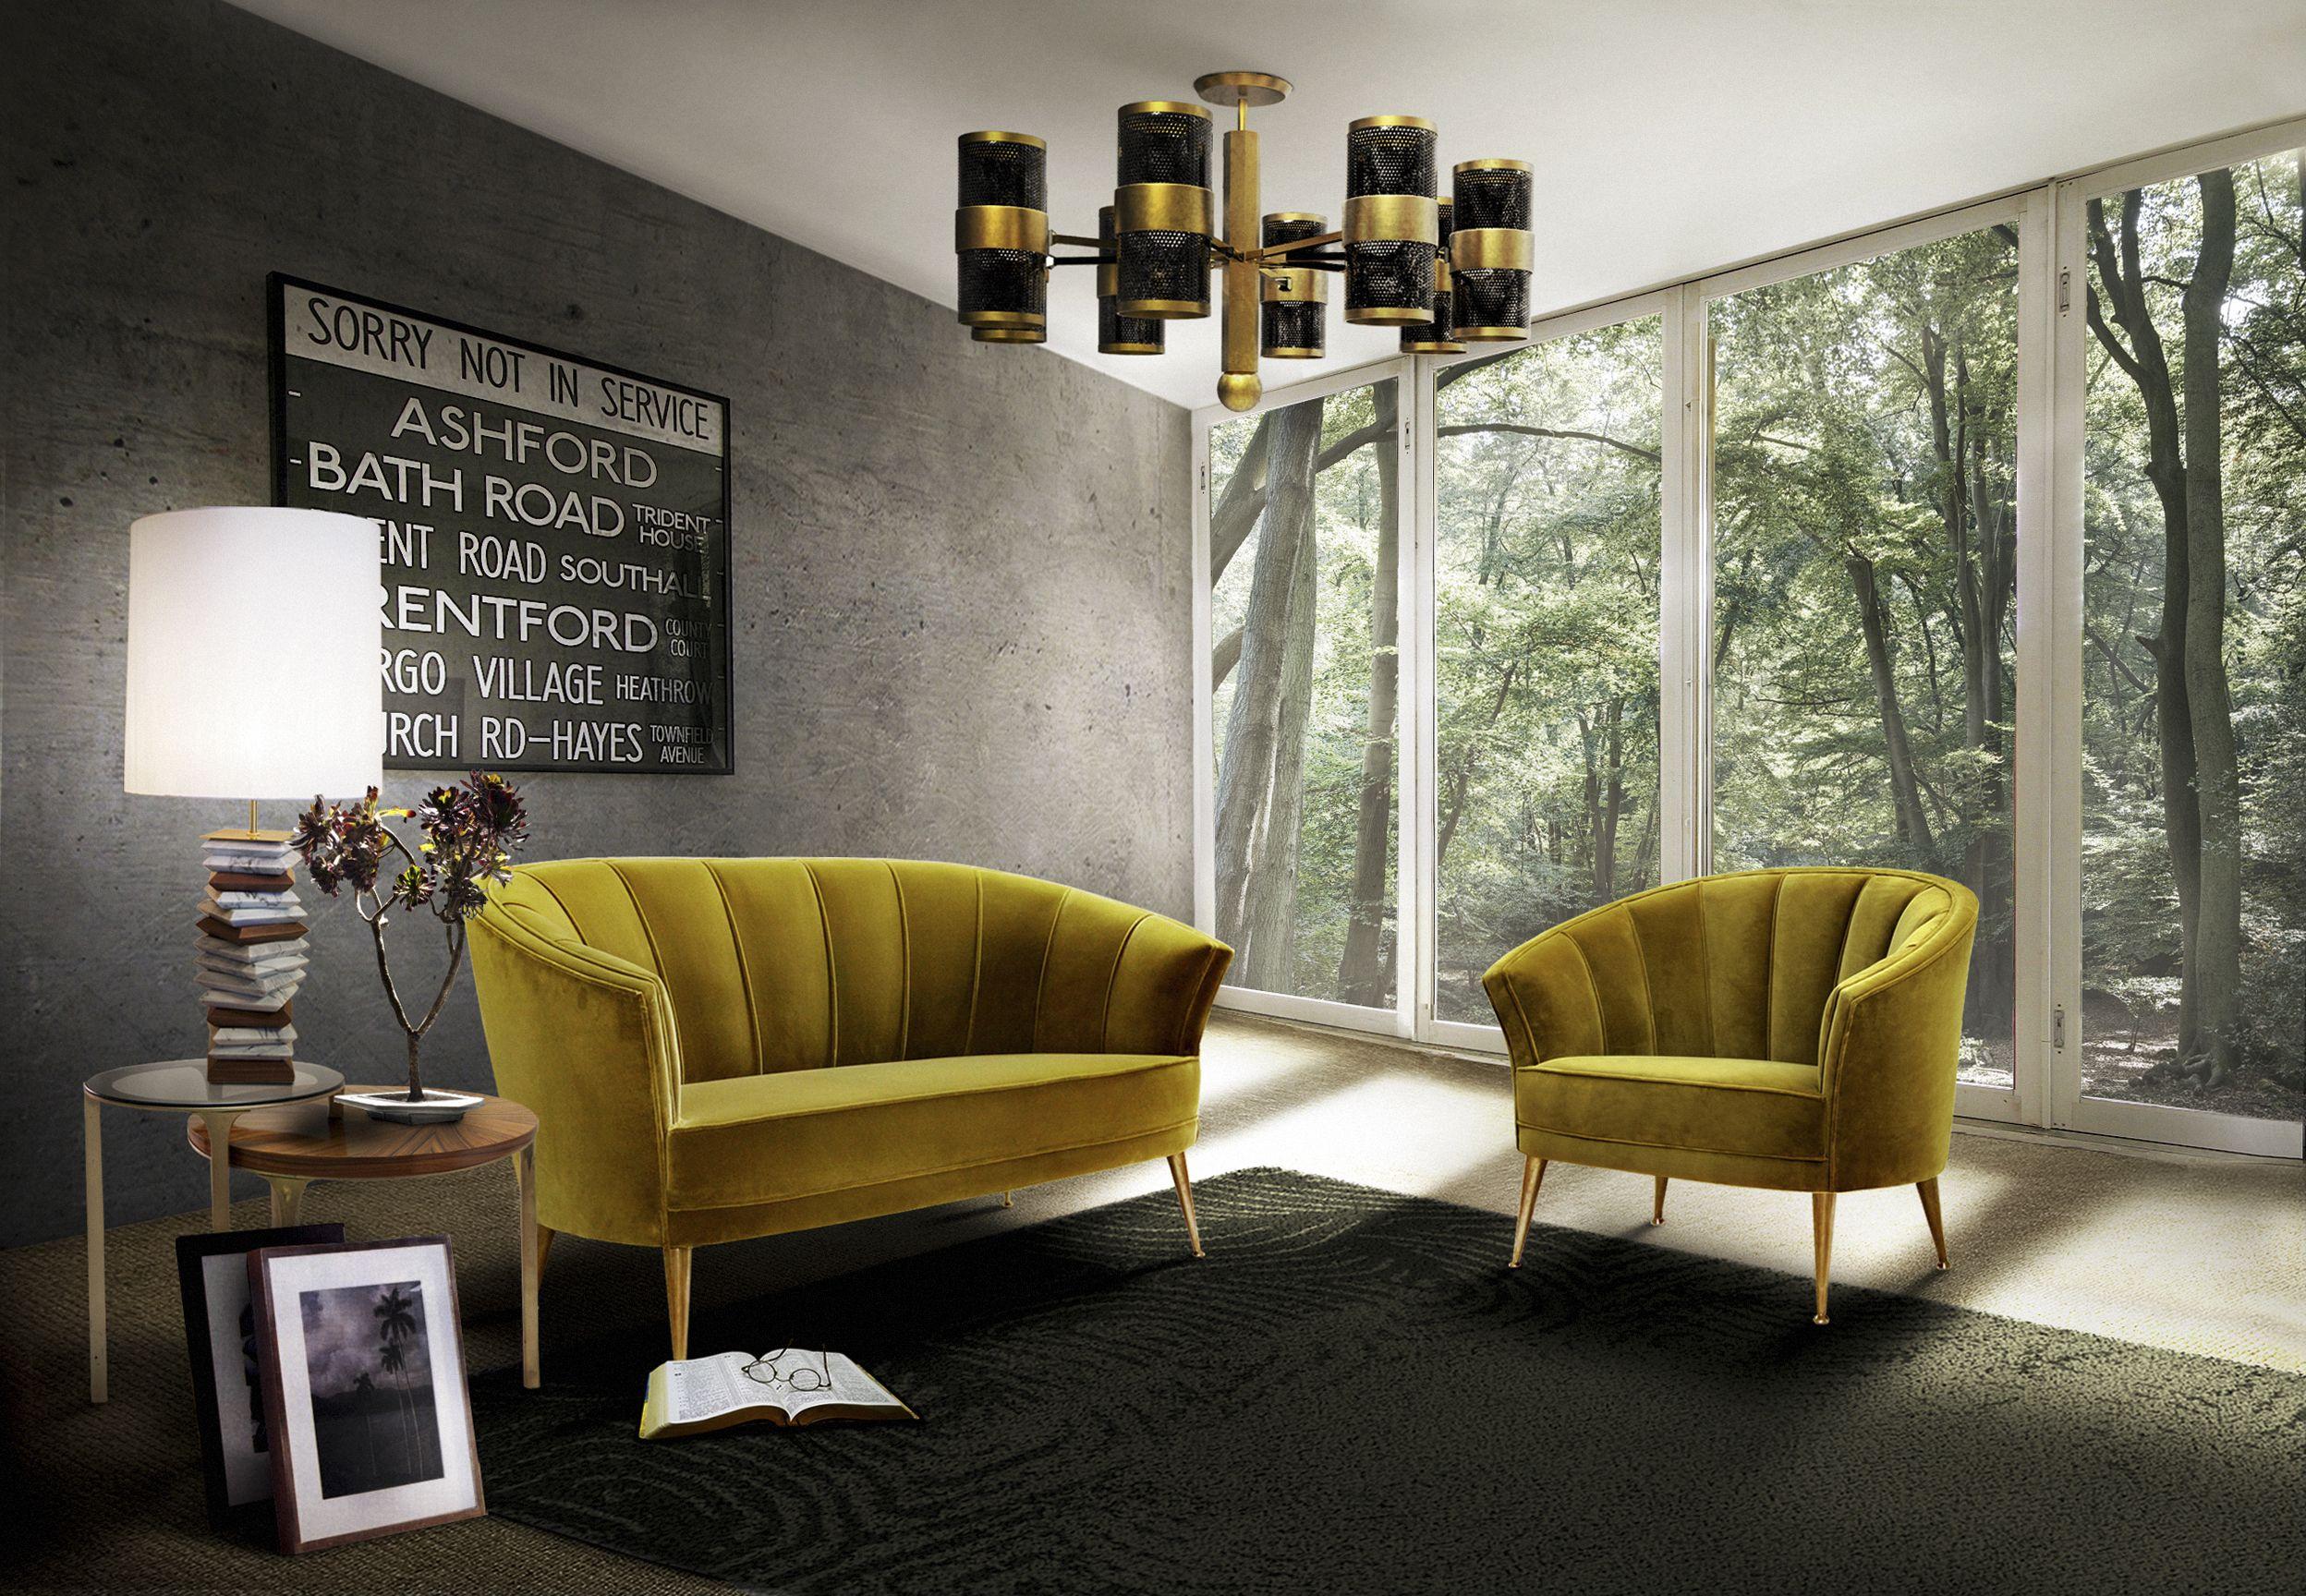 BRABBU Ist Eine Designmarke, Die Einen Intensiven Lebensstil  Wiederspiegelt. Sie Bringt Stärke Und Kraft In Einem Urbanen Lebensstil  Moderne Zimmer